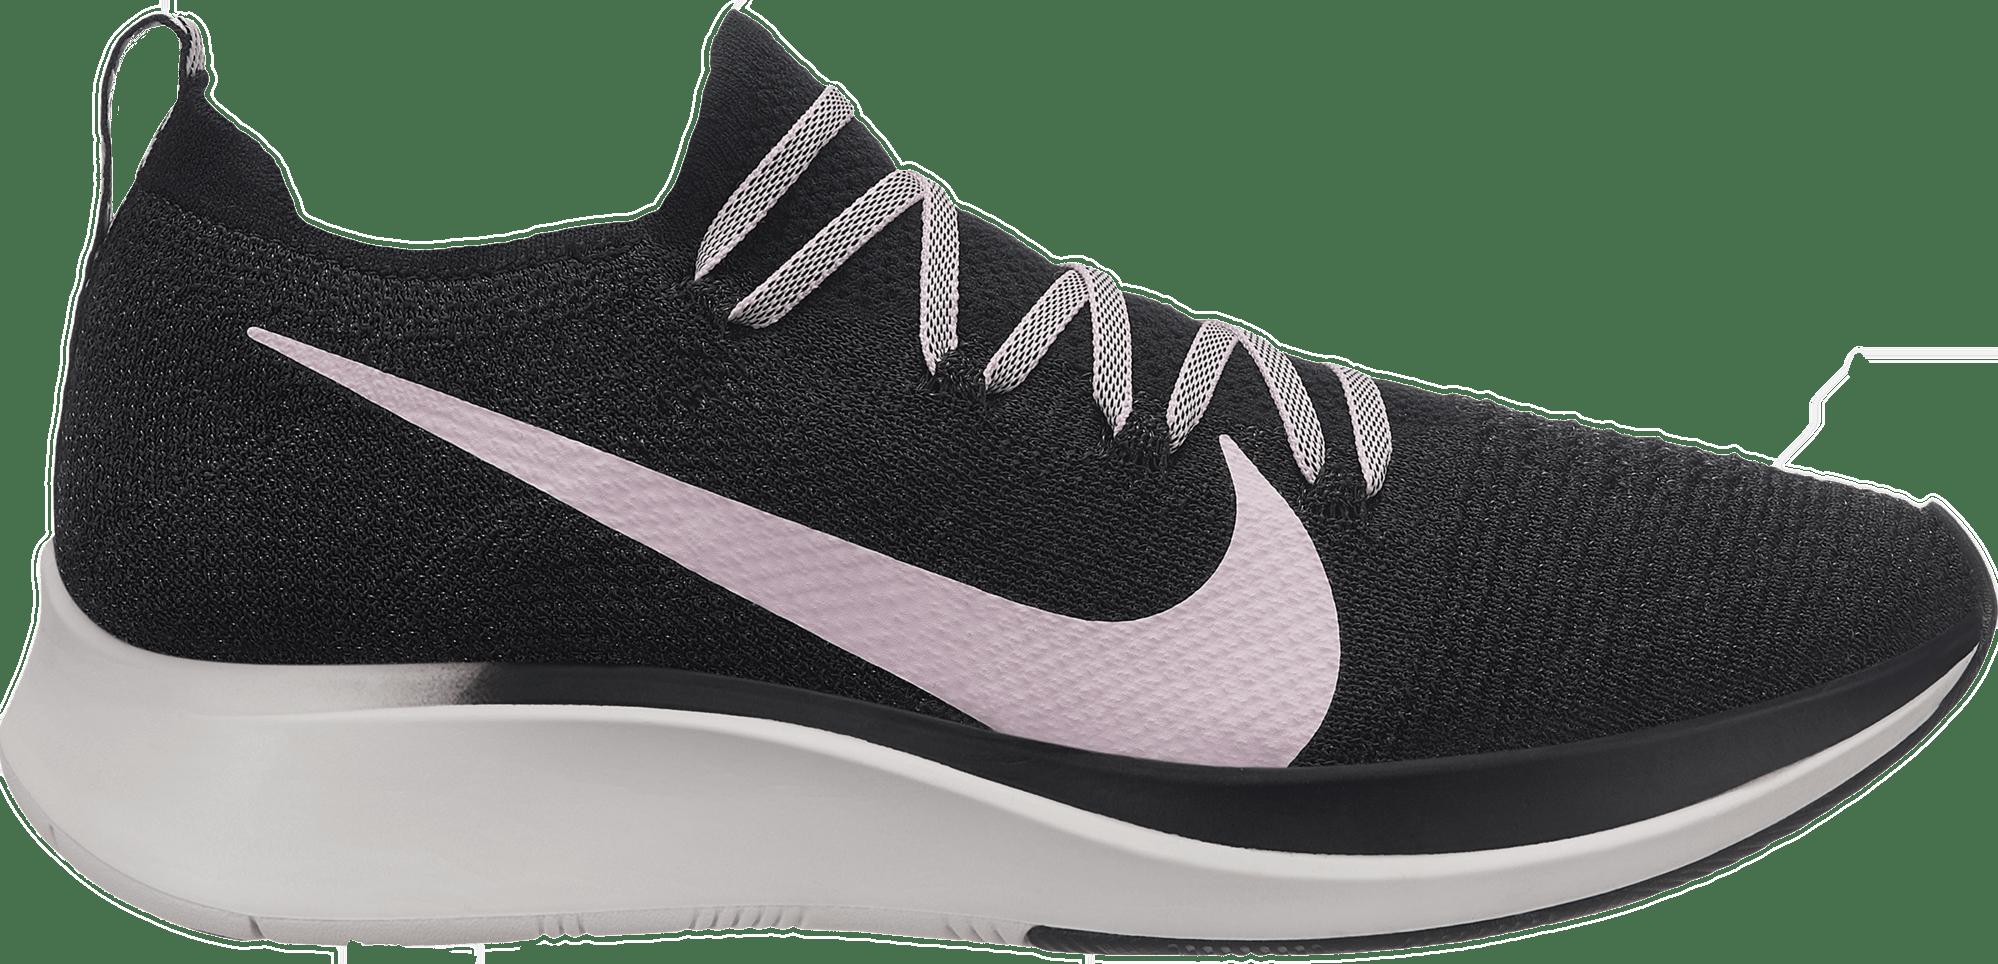 Zoom Fly Flyknit Nike Scarpe running da gara Modello da donna